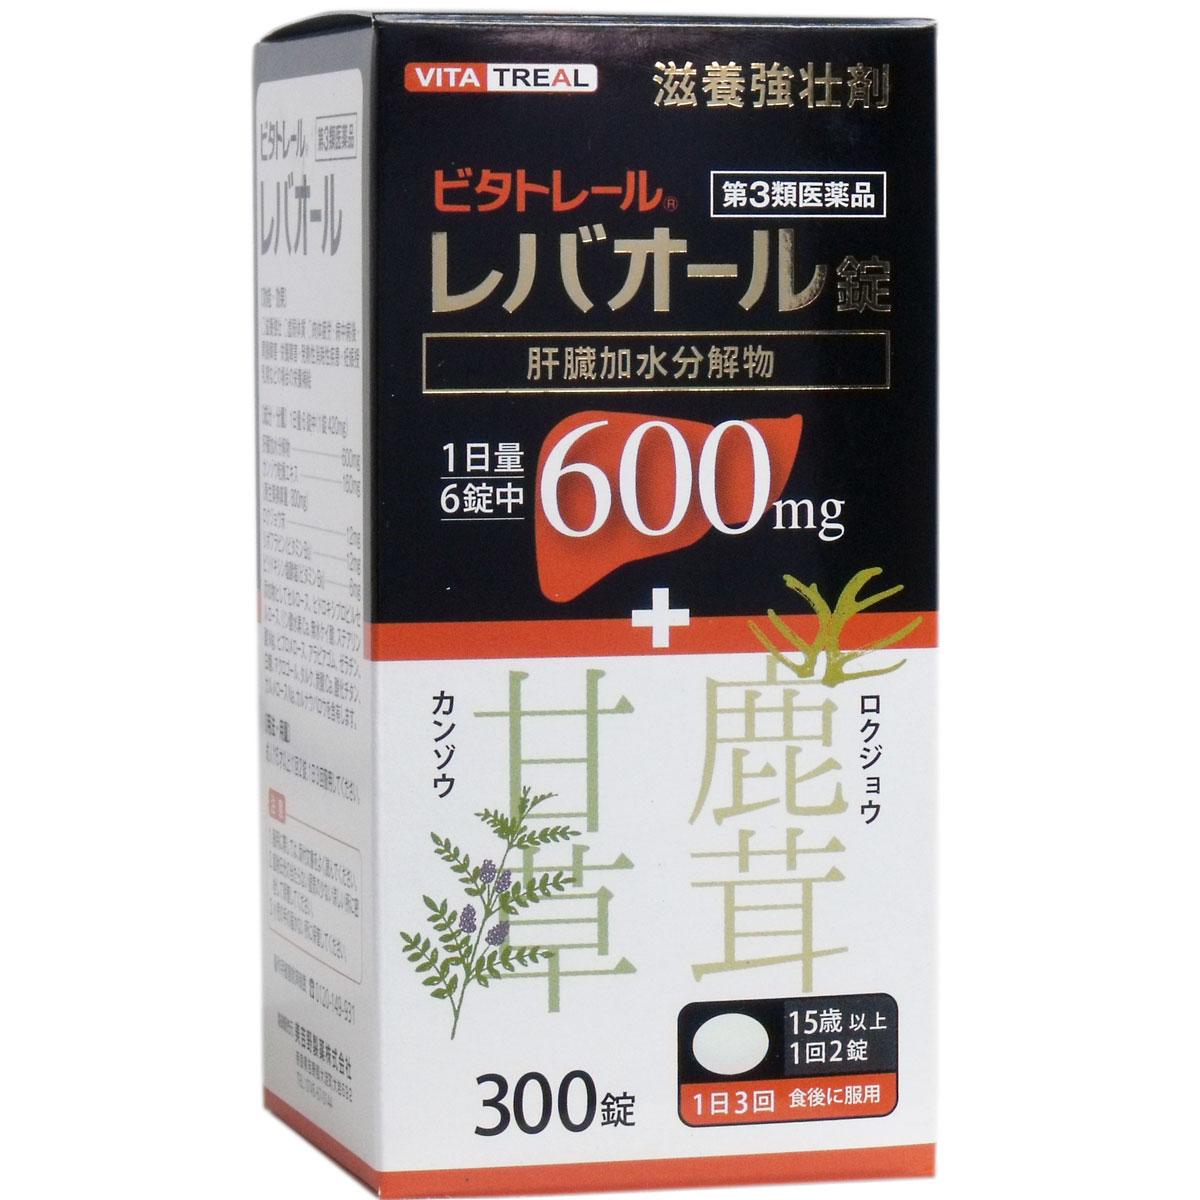 【訳アリ】【第3類医薬品】 ビタトレール レバオール錠 300錠